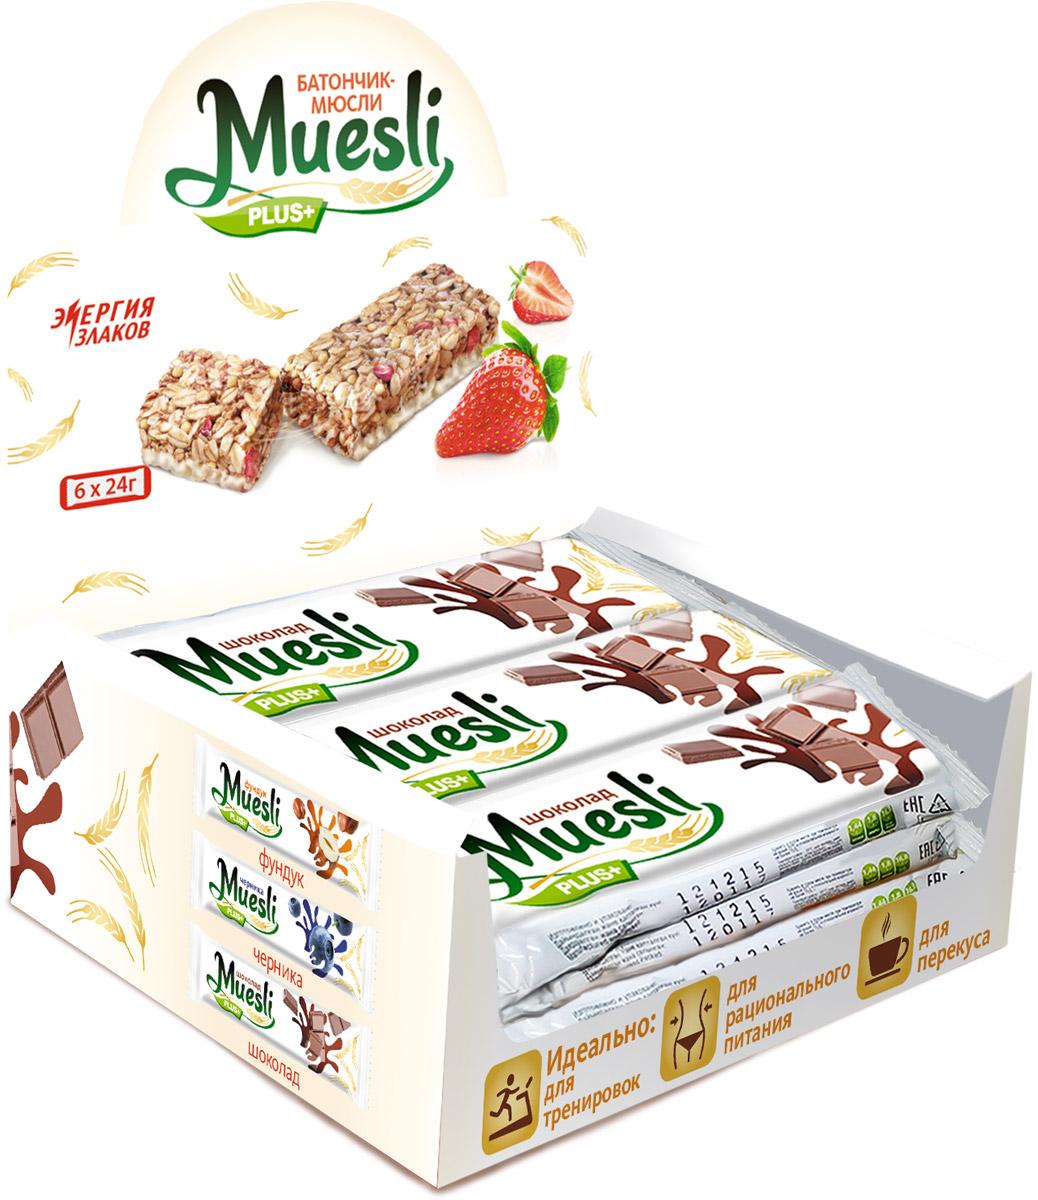 Matti Muesli Plus батончик мюсли шоколад, 6 х 24 г0120710Батончики-мюсли Muesli Plus+ обладают сбалансированным составом и являются продуктом переработки натуральных злаков, здоровым и полезным источником сил и энергии. В состав входит натуральный ароматизатор. Без ГМО, красителей, консервантов.